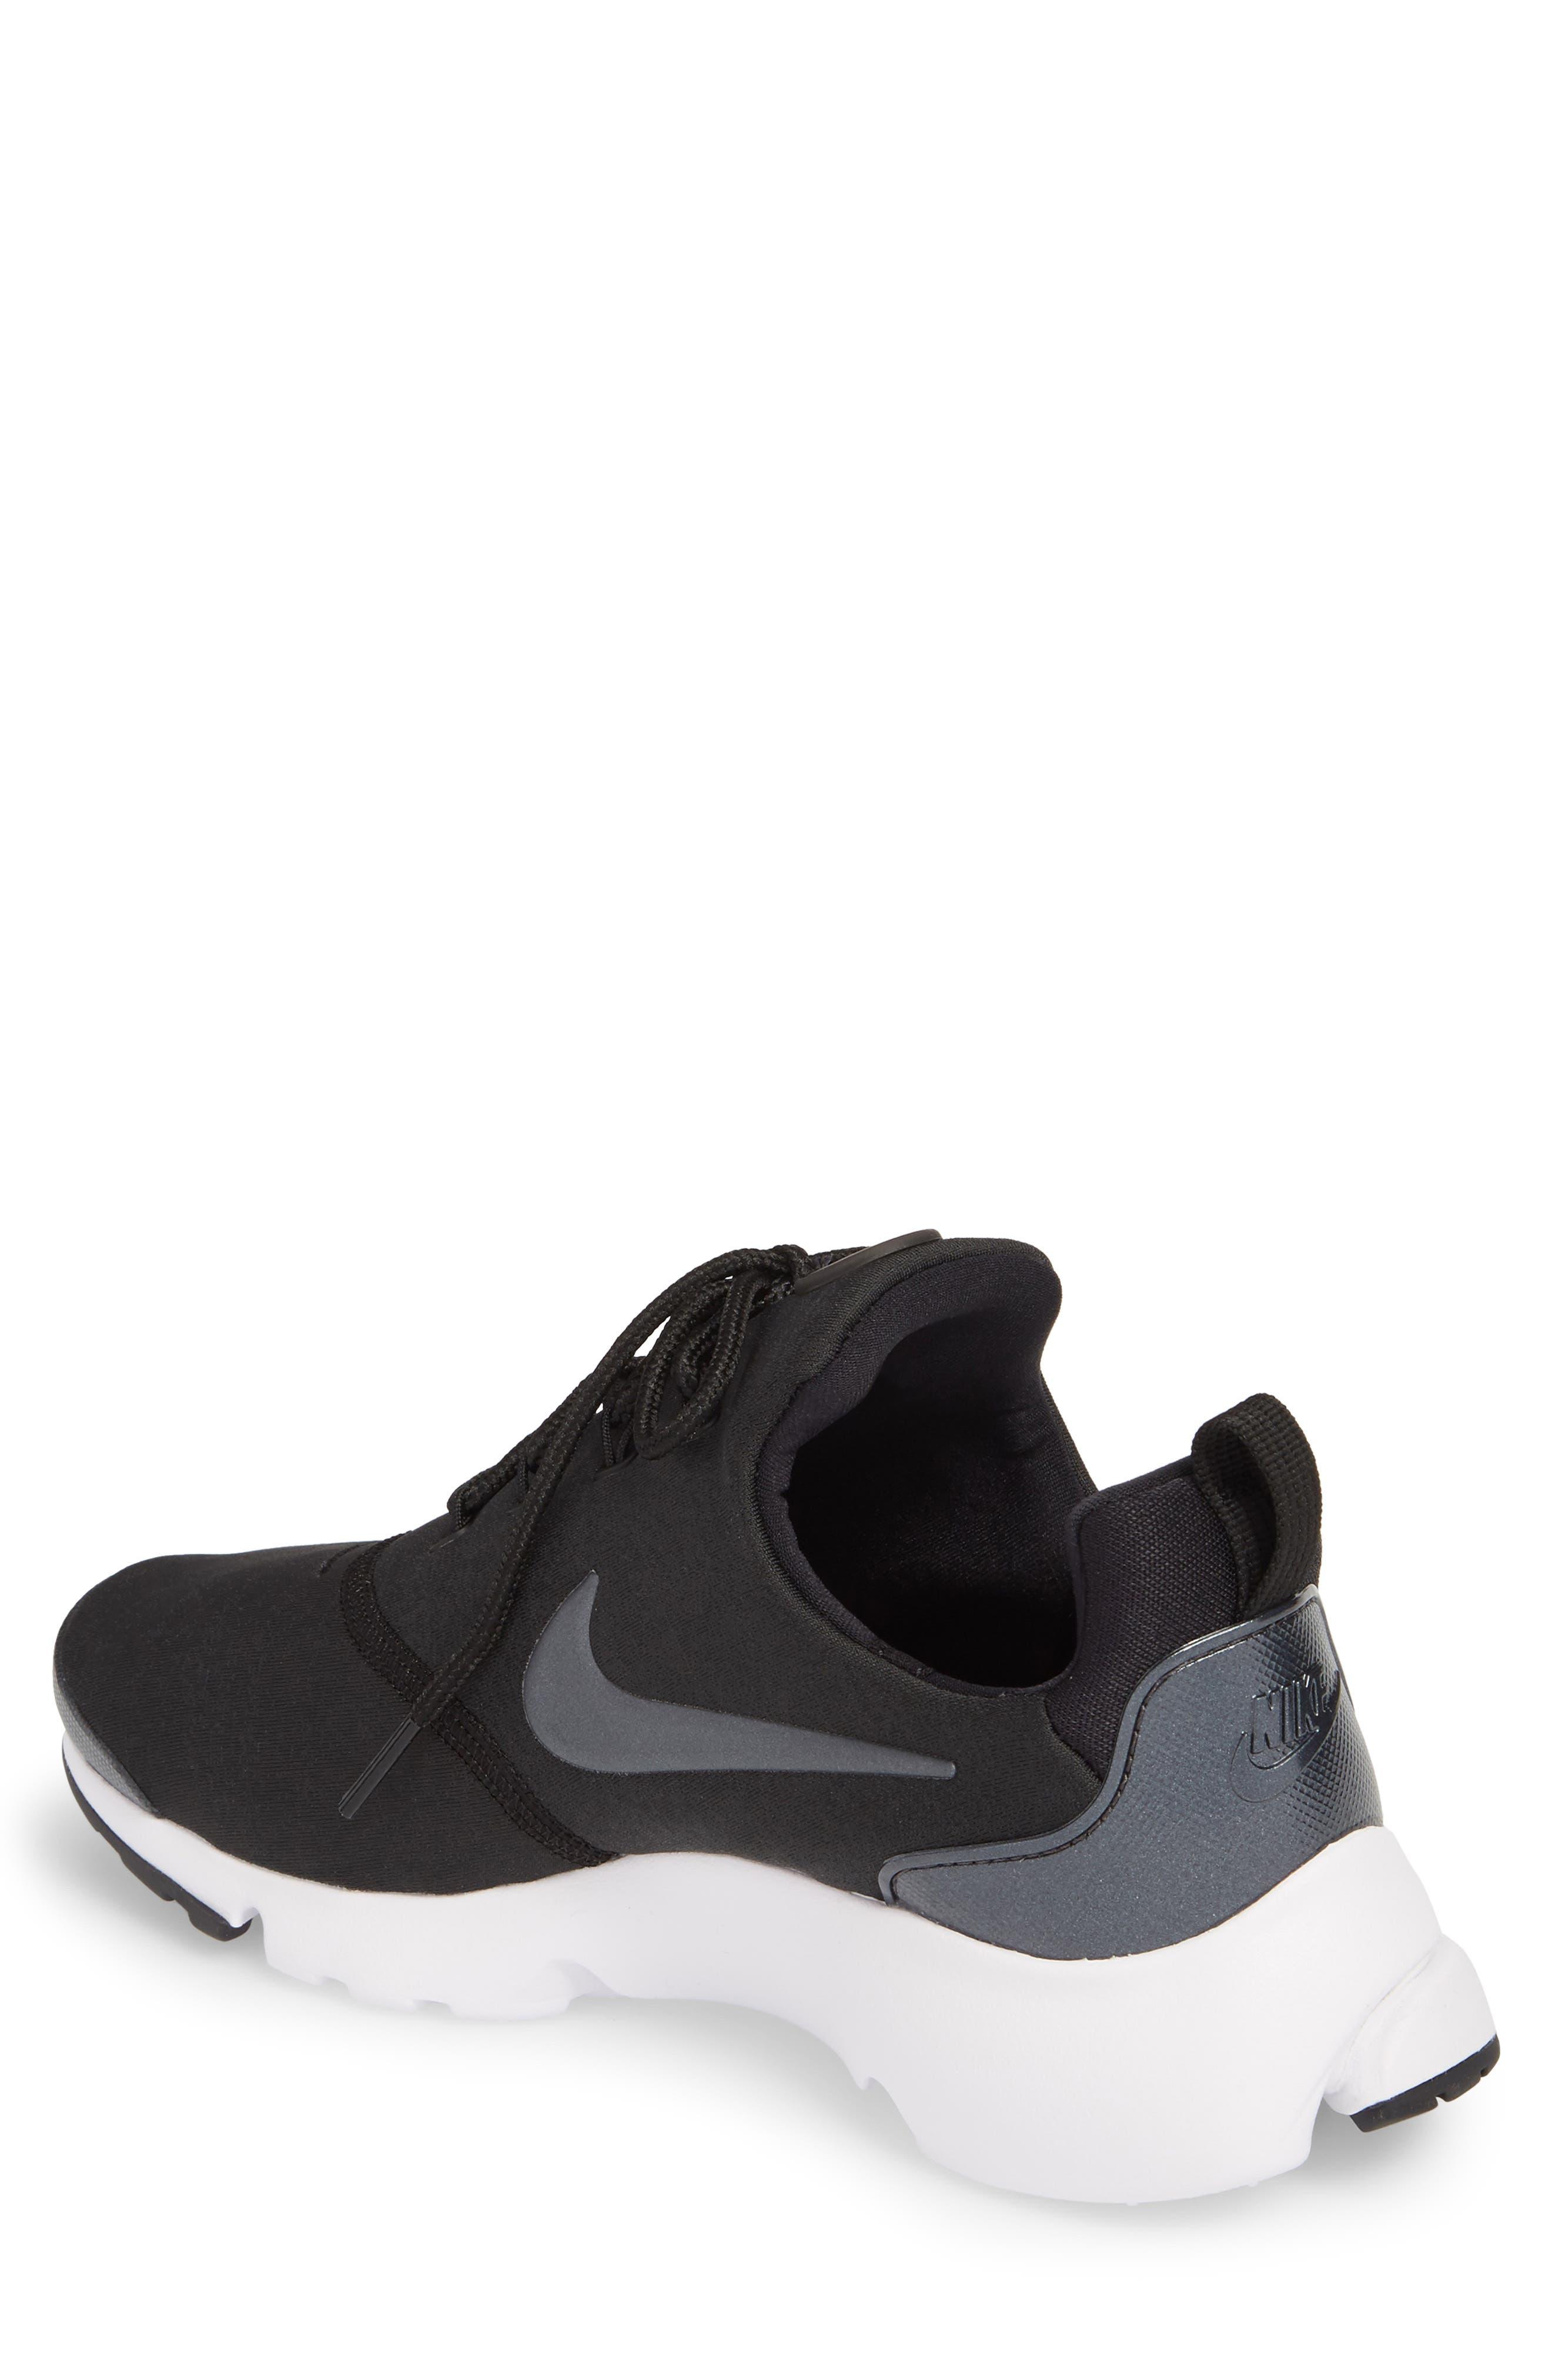 Presto Ultra SE Sneaker,                             Alternate thumbnail 2, color,                             003